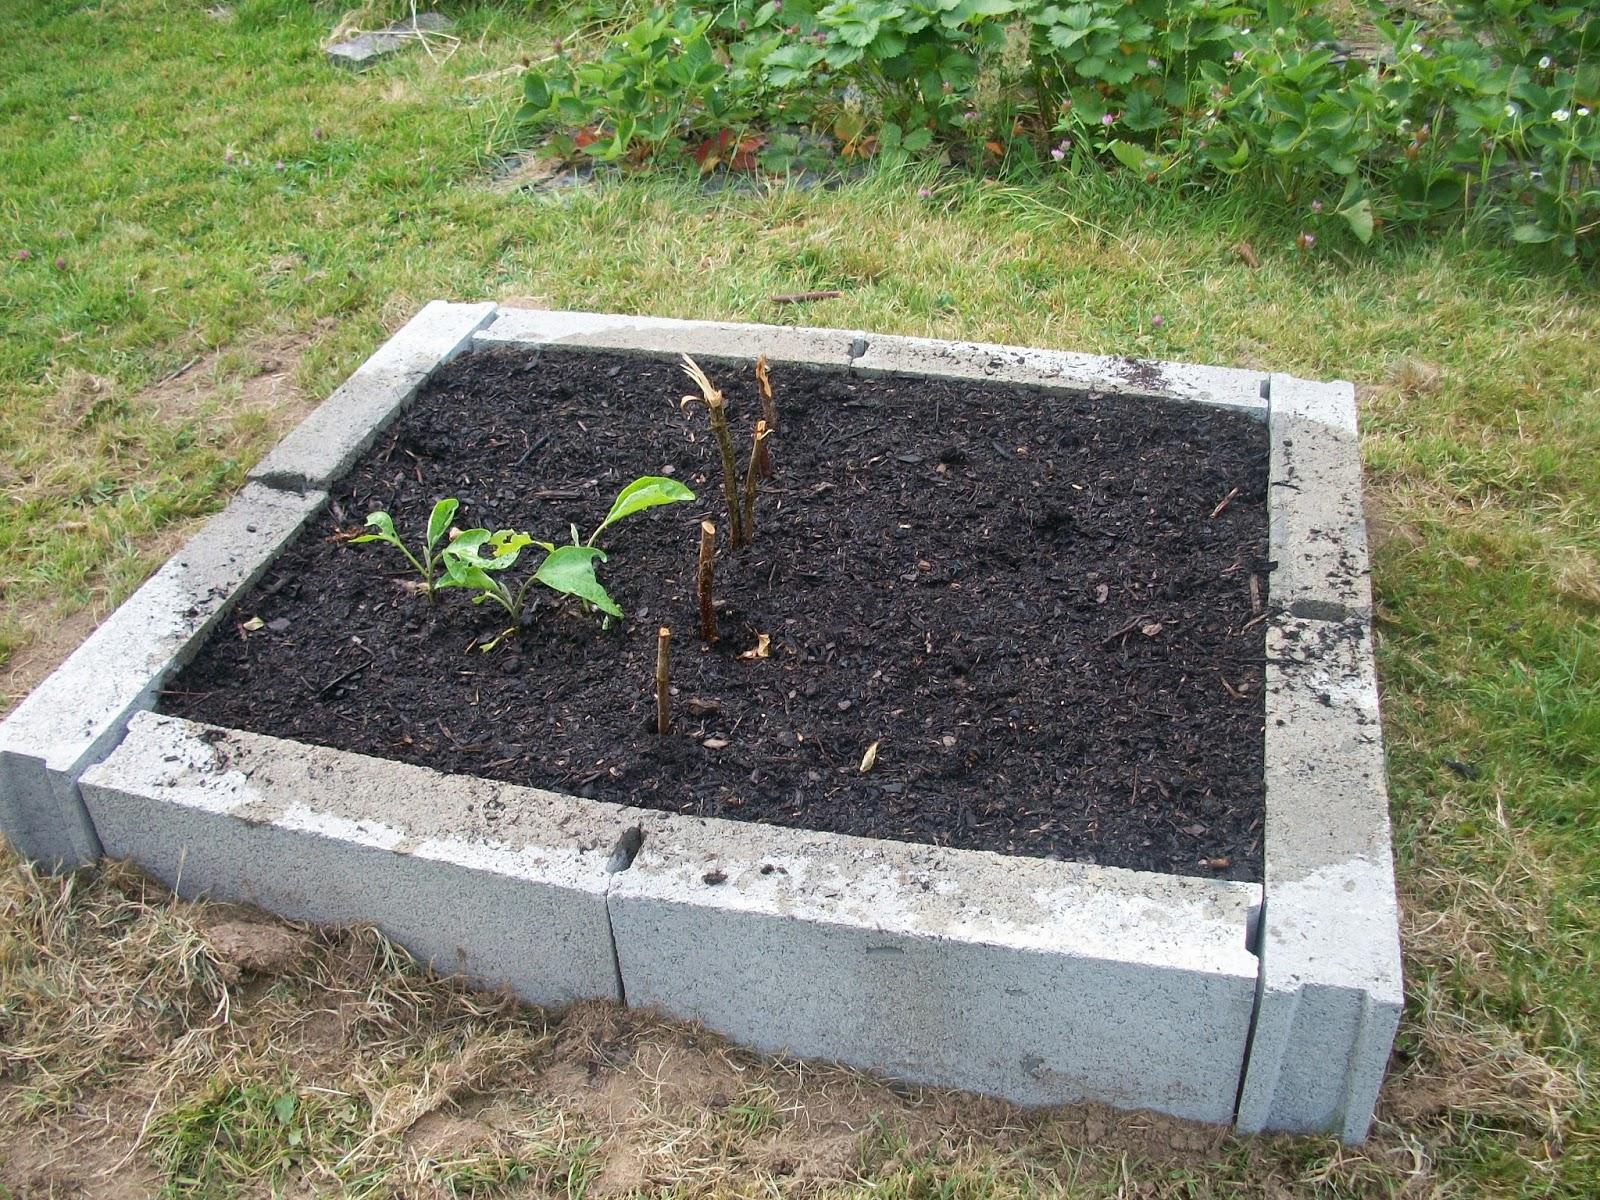 Les8jika au jardin carr s potager for Cendre de bois pour le jardin